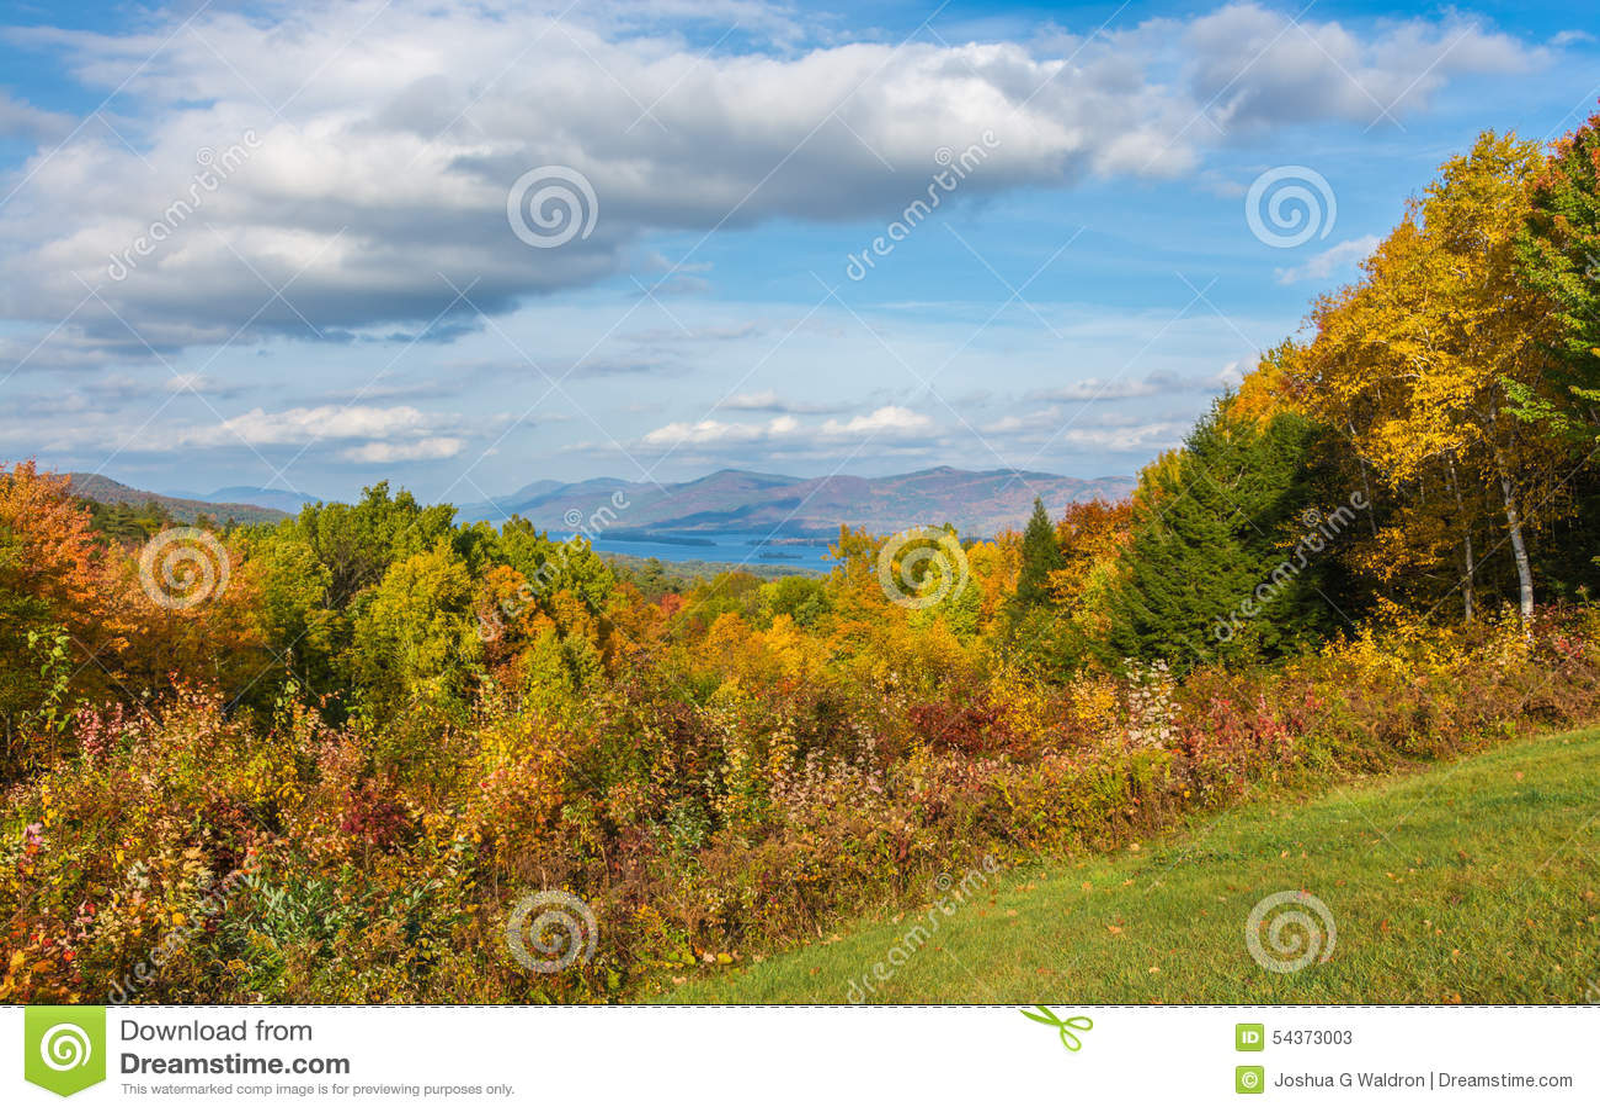 De Dalingsgebladerte van meergeorge nestled in mountains and